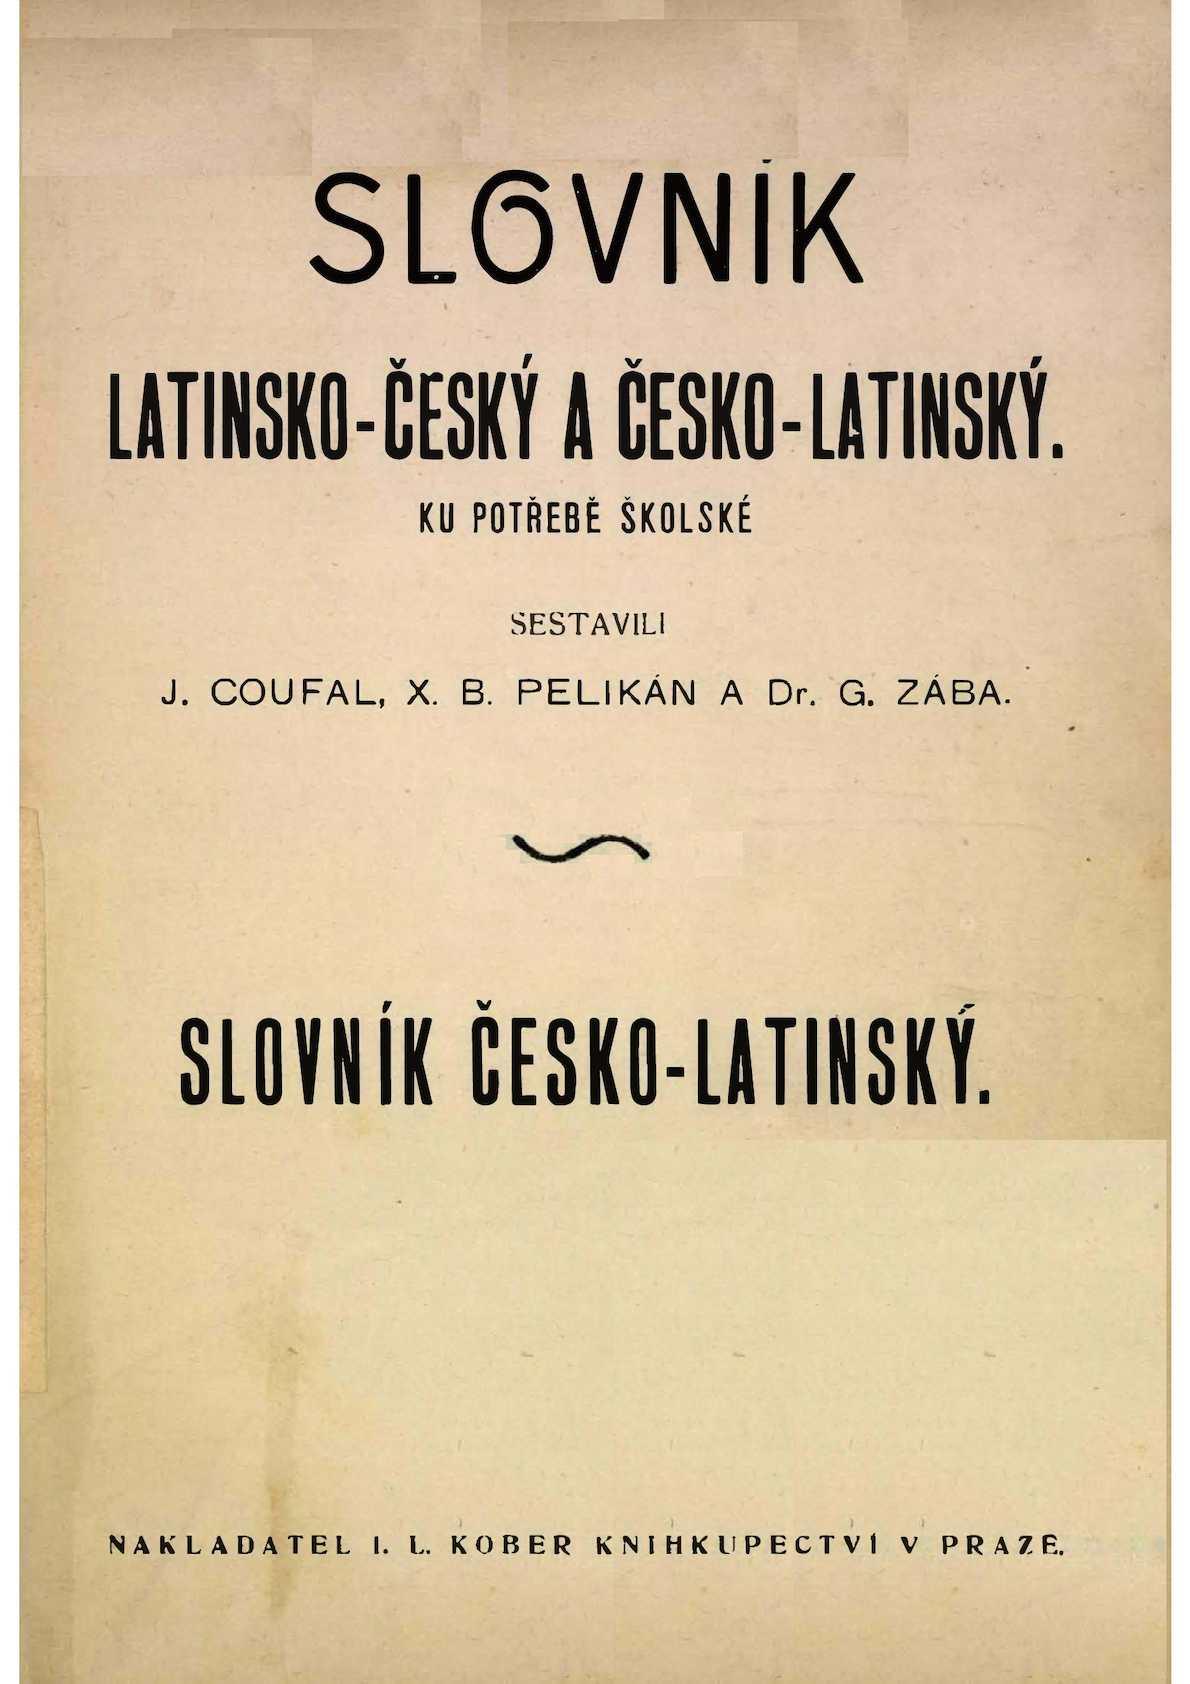 Calaméo Slovnk latinsko česk½ a česko latinsk½ ku potřebě Å¡kolské Slovnk česko latinsk½ Coufal Jan Pelikán Xaver Bedřich Zába Gustav 1906